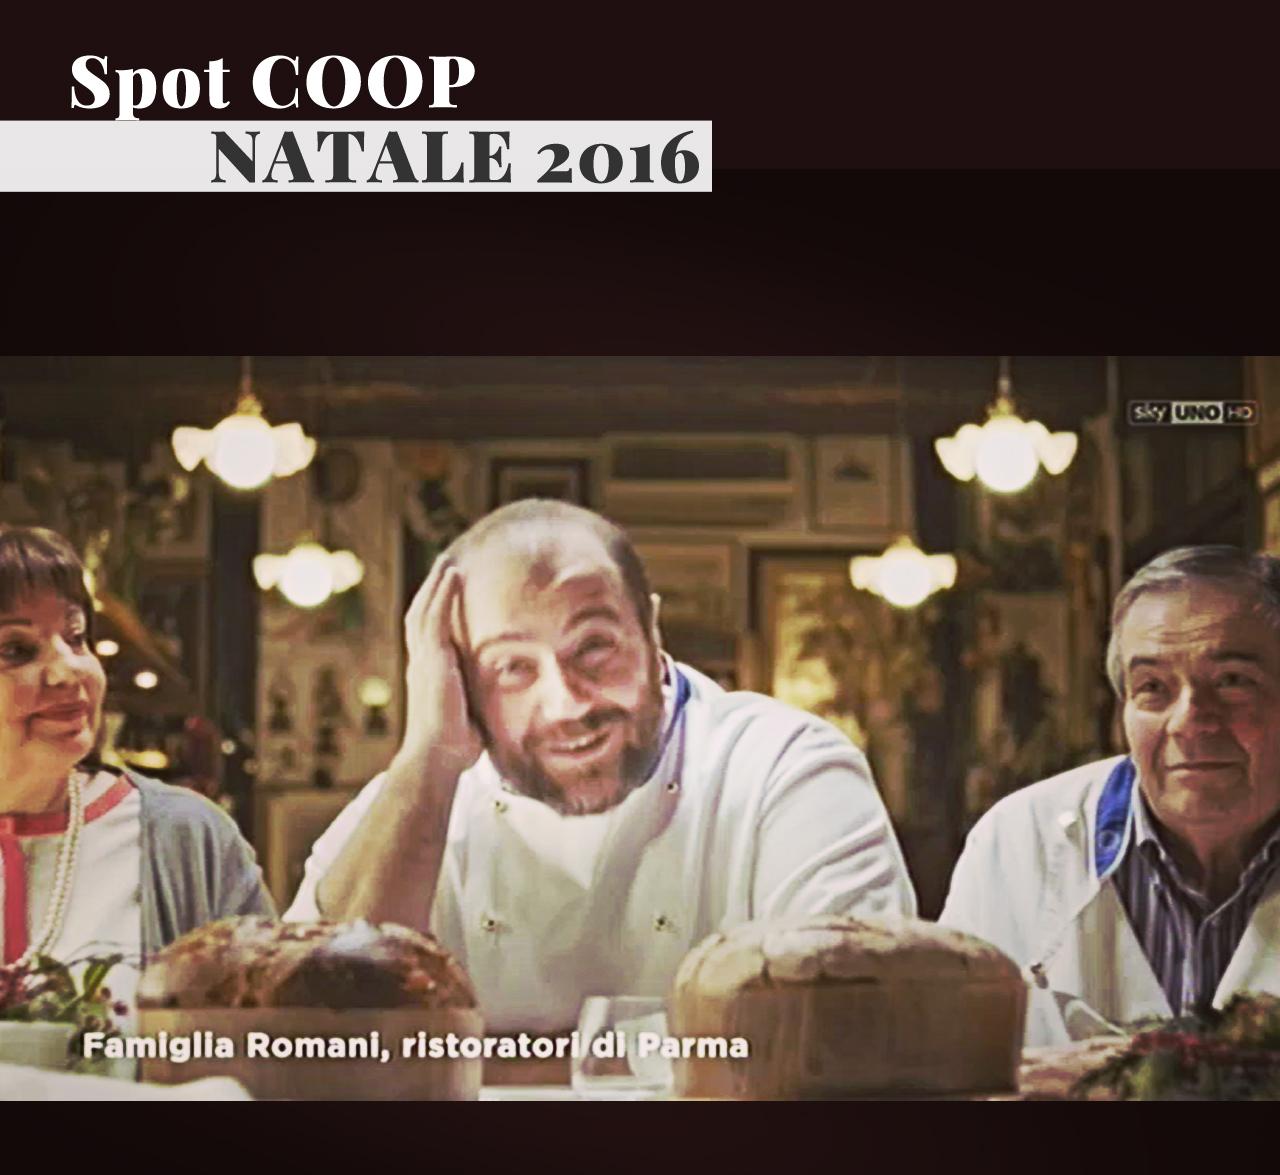 Spot Coop Natale 2016